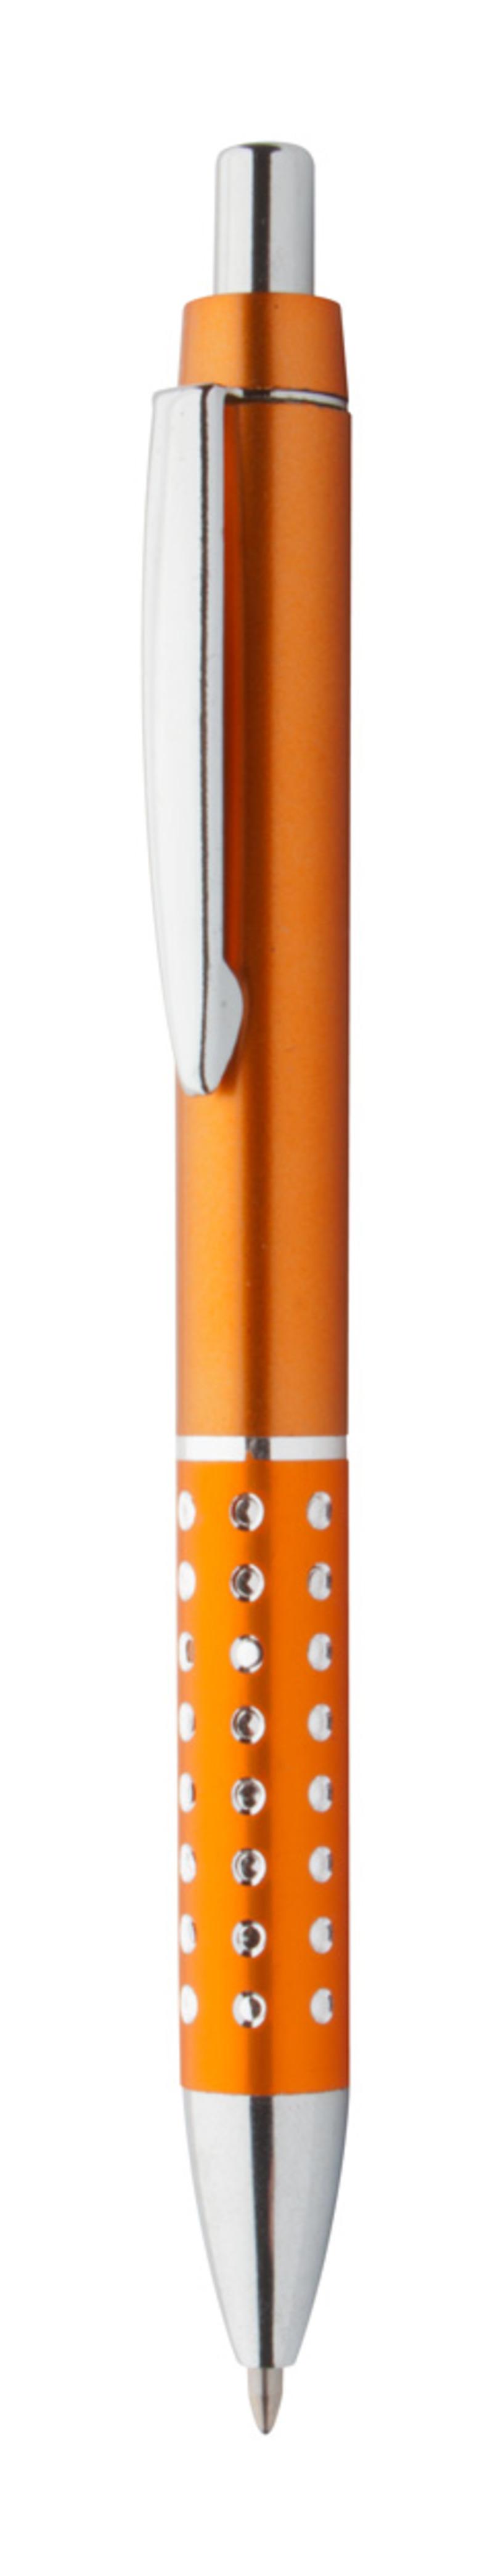 Olimpia ballpoint pen